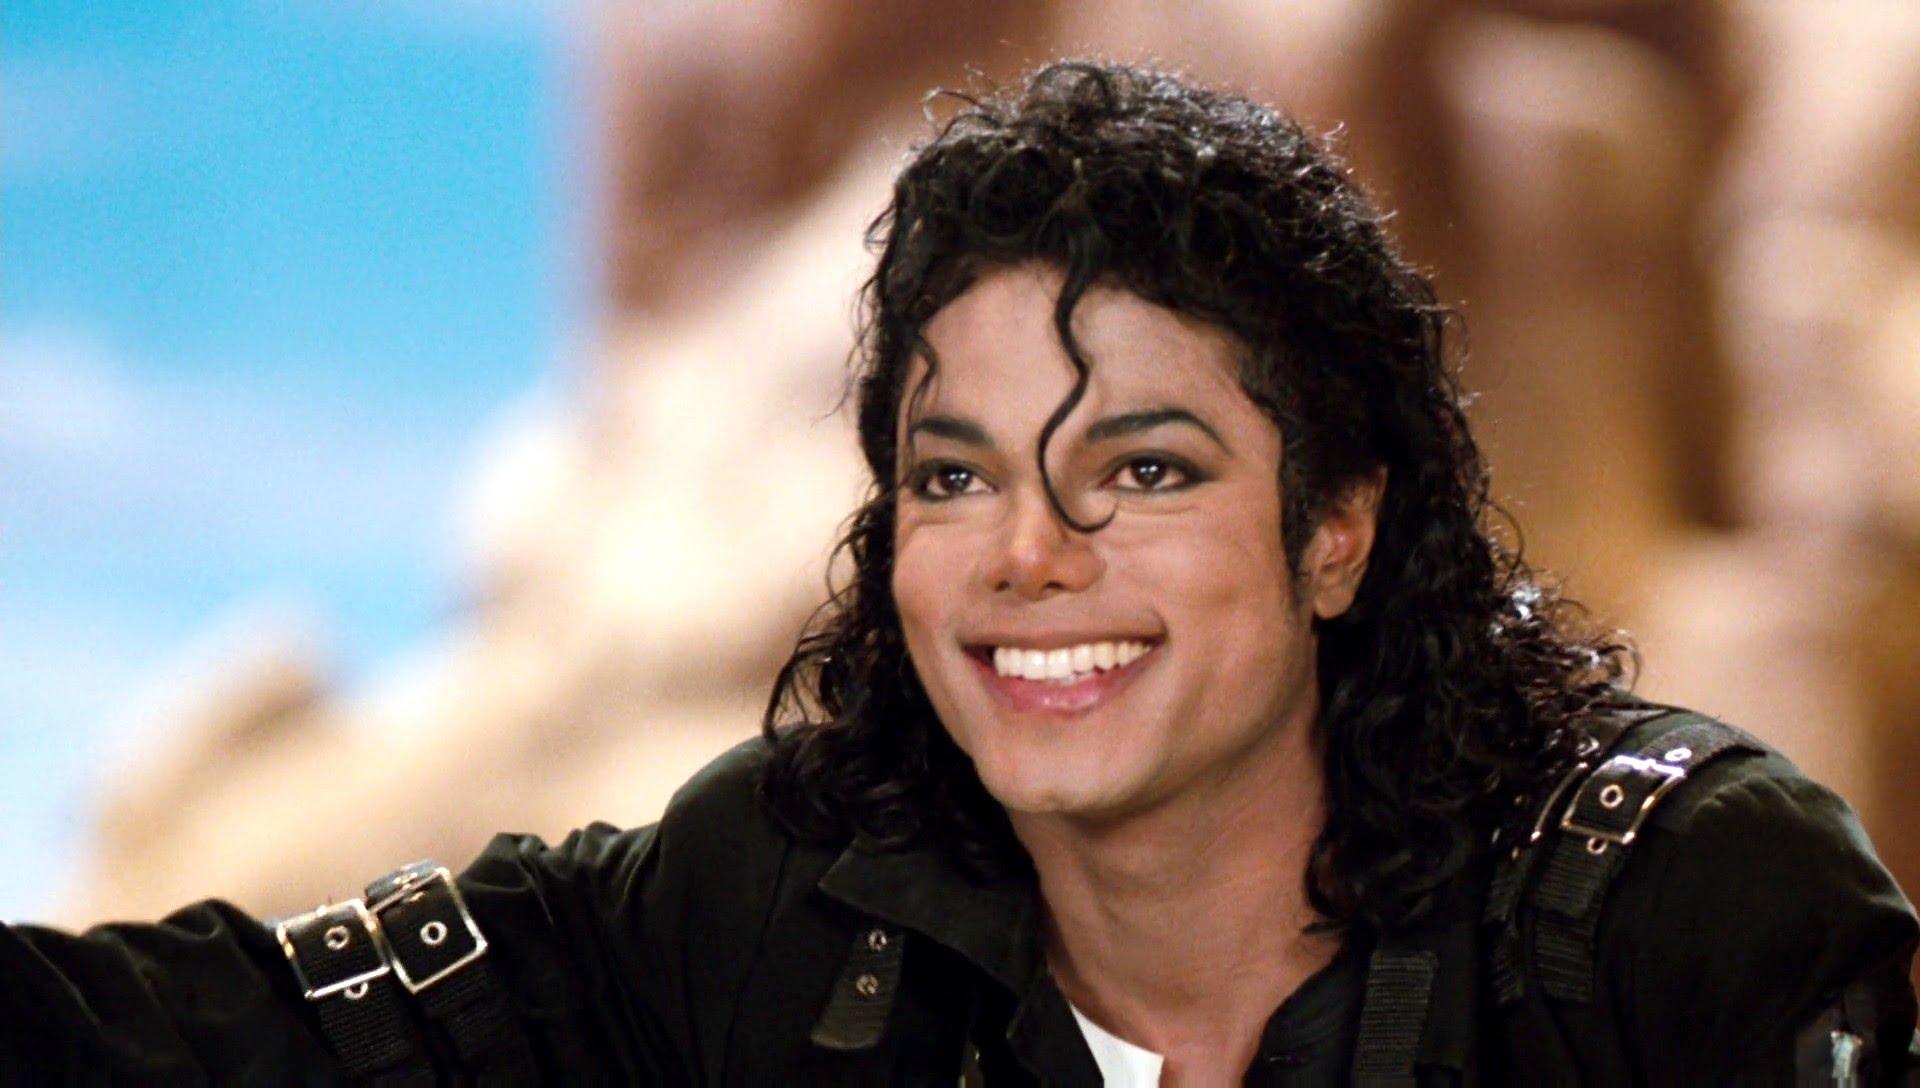 25 juni 2009 - Michael Jackson overleden